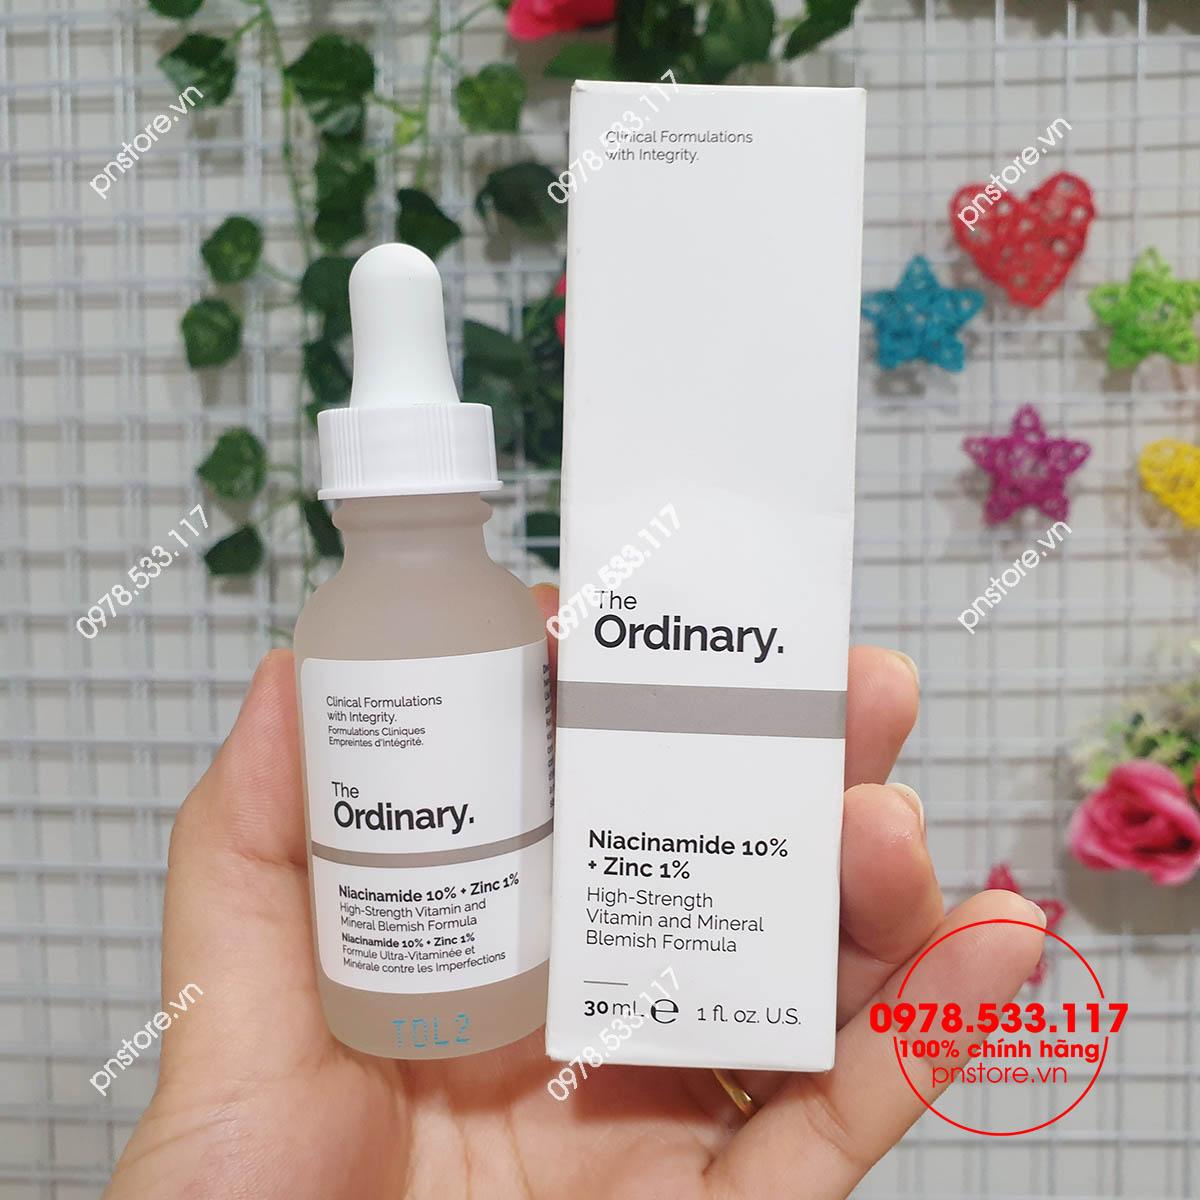 Tinh chất serum The Ordinary Niacinamide 10% + Zinc 1% trị mụn sáng da mờ thâm chính hãng (Canada)